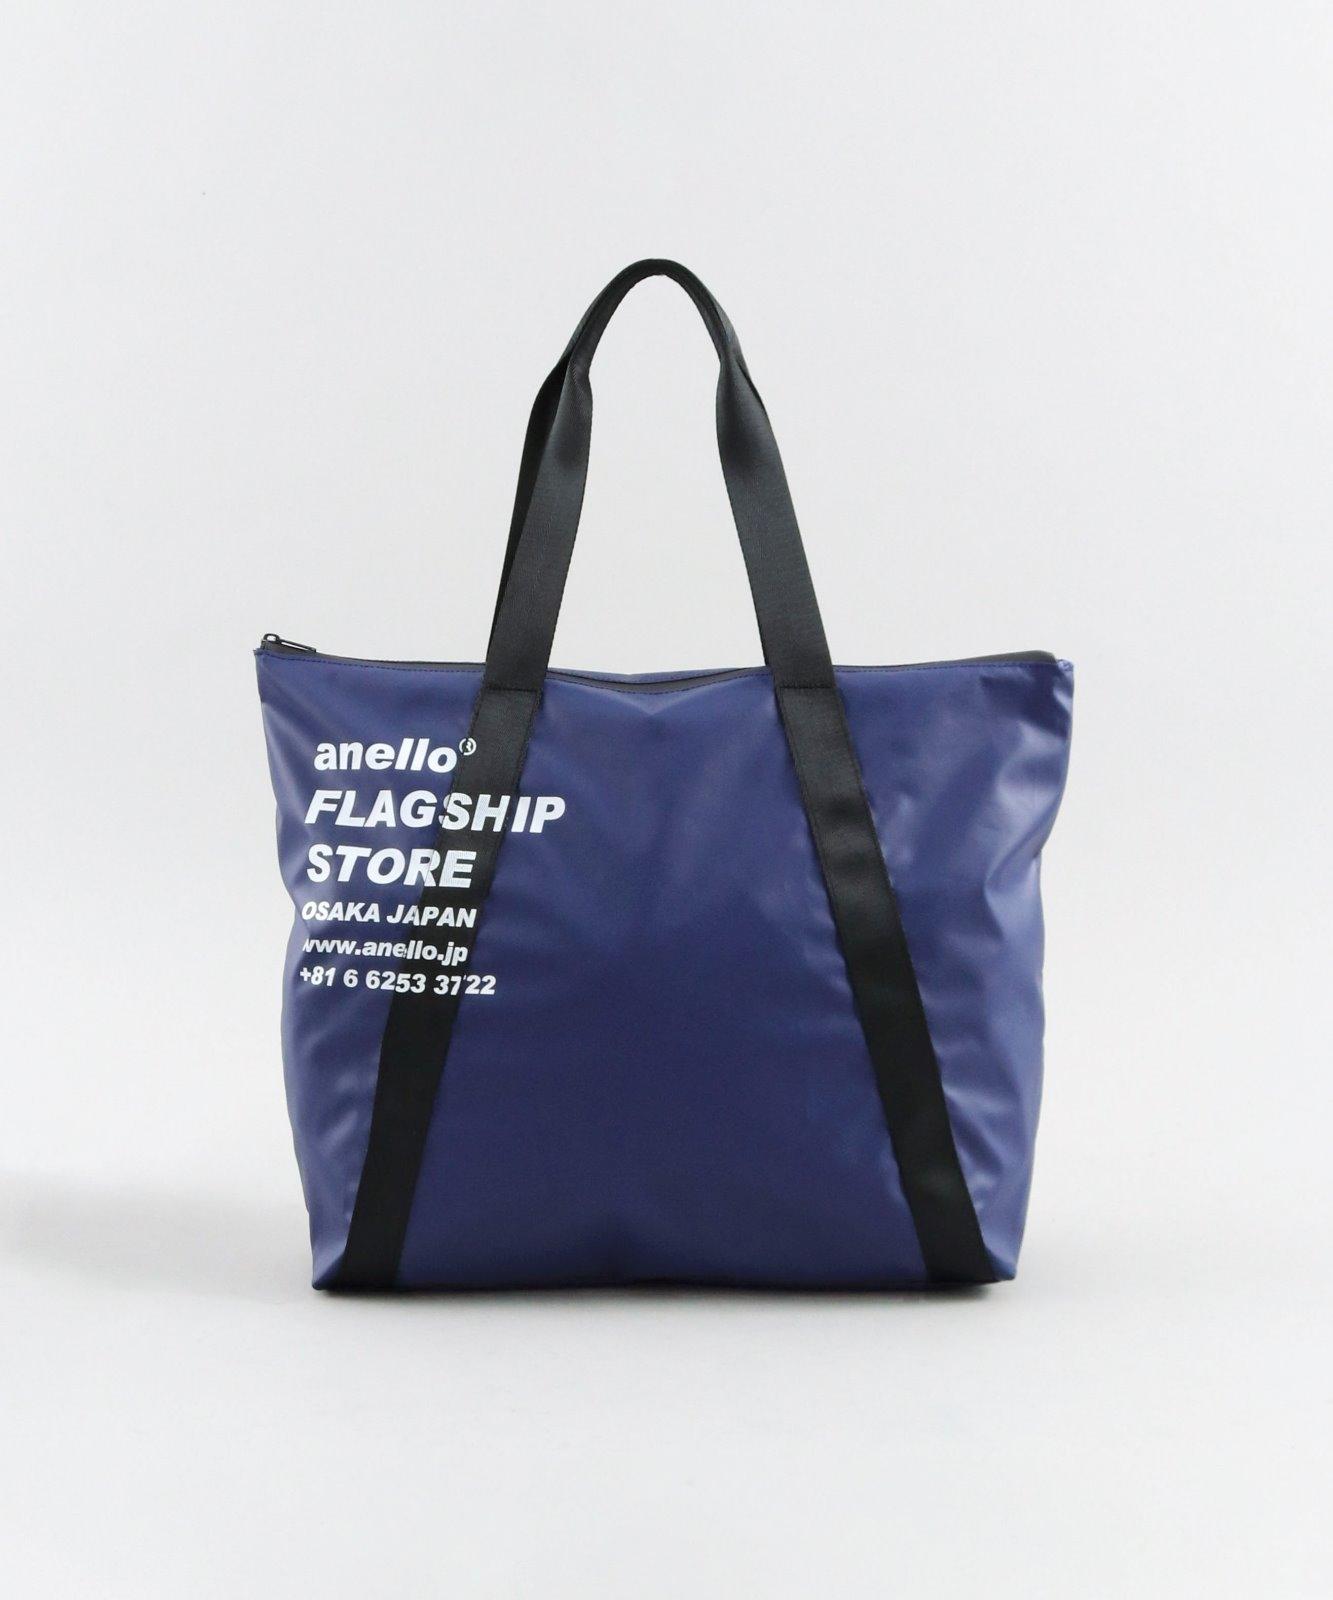 【anello® FLAGSHIP STORE OSAKA限定】撥水パッカブルビックボストン